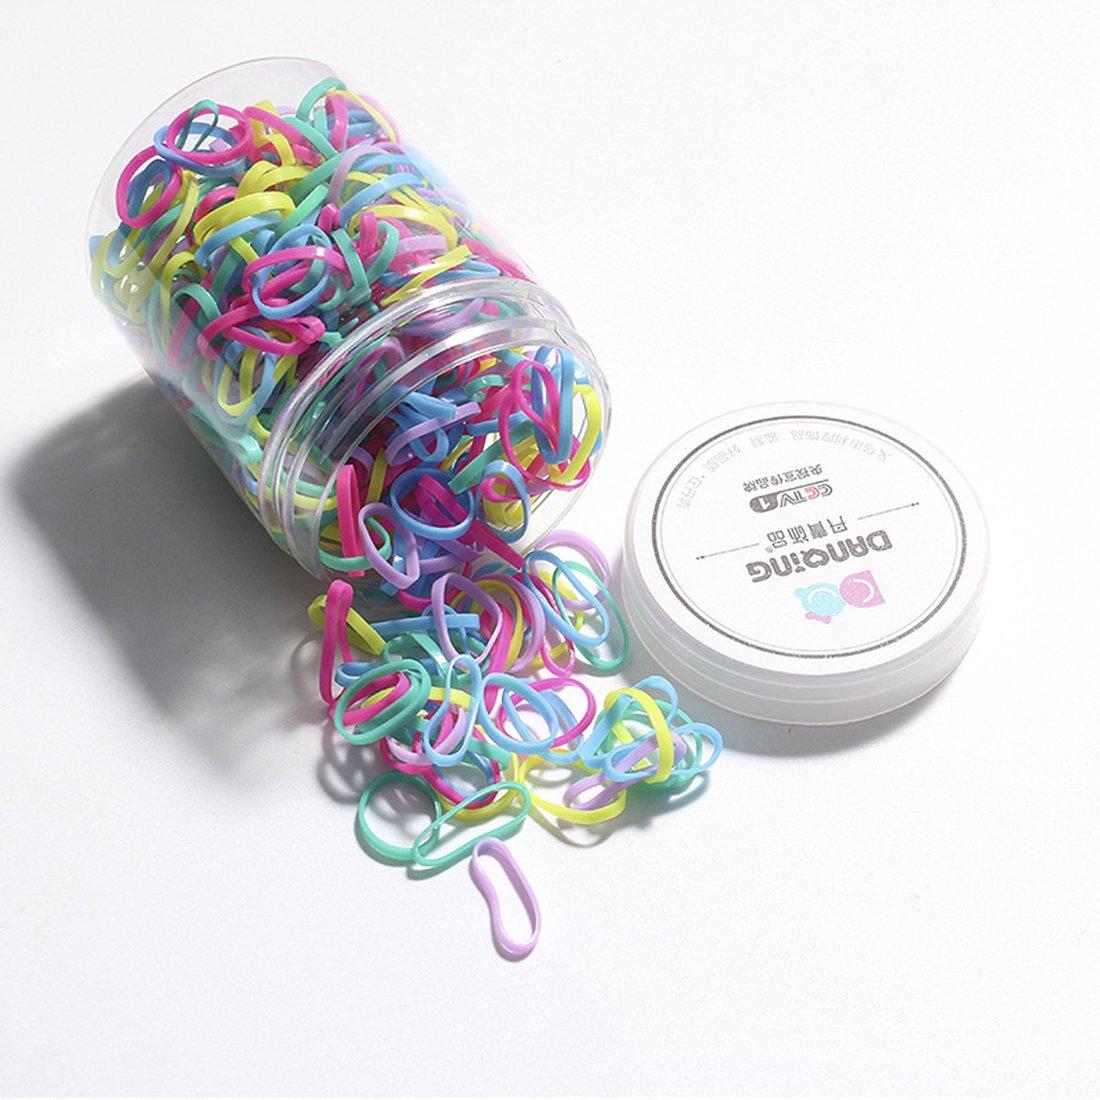 morbidi per capelli per bambine acconciature da sposa e molto altro trecce di gomma Elastici per capelli 450/pezzi di mini elastici colorati Miaoo